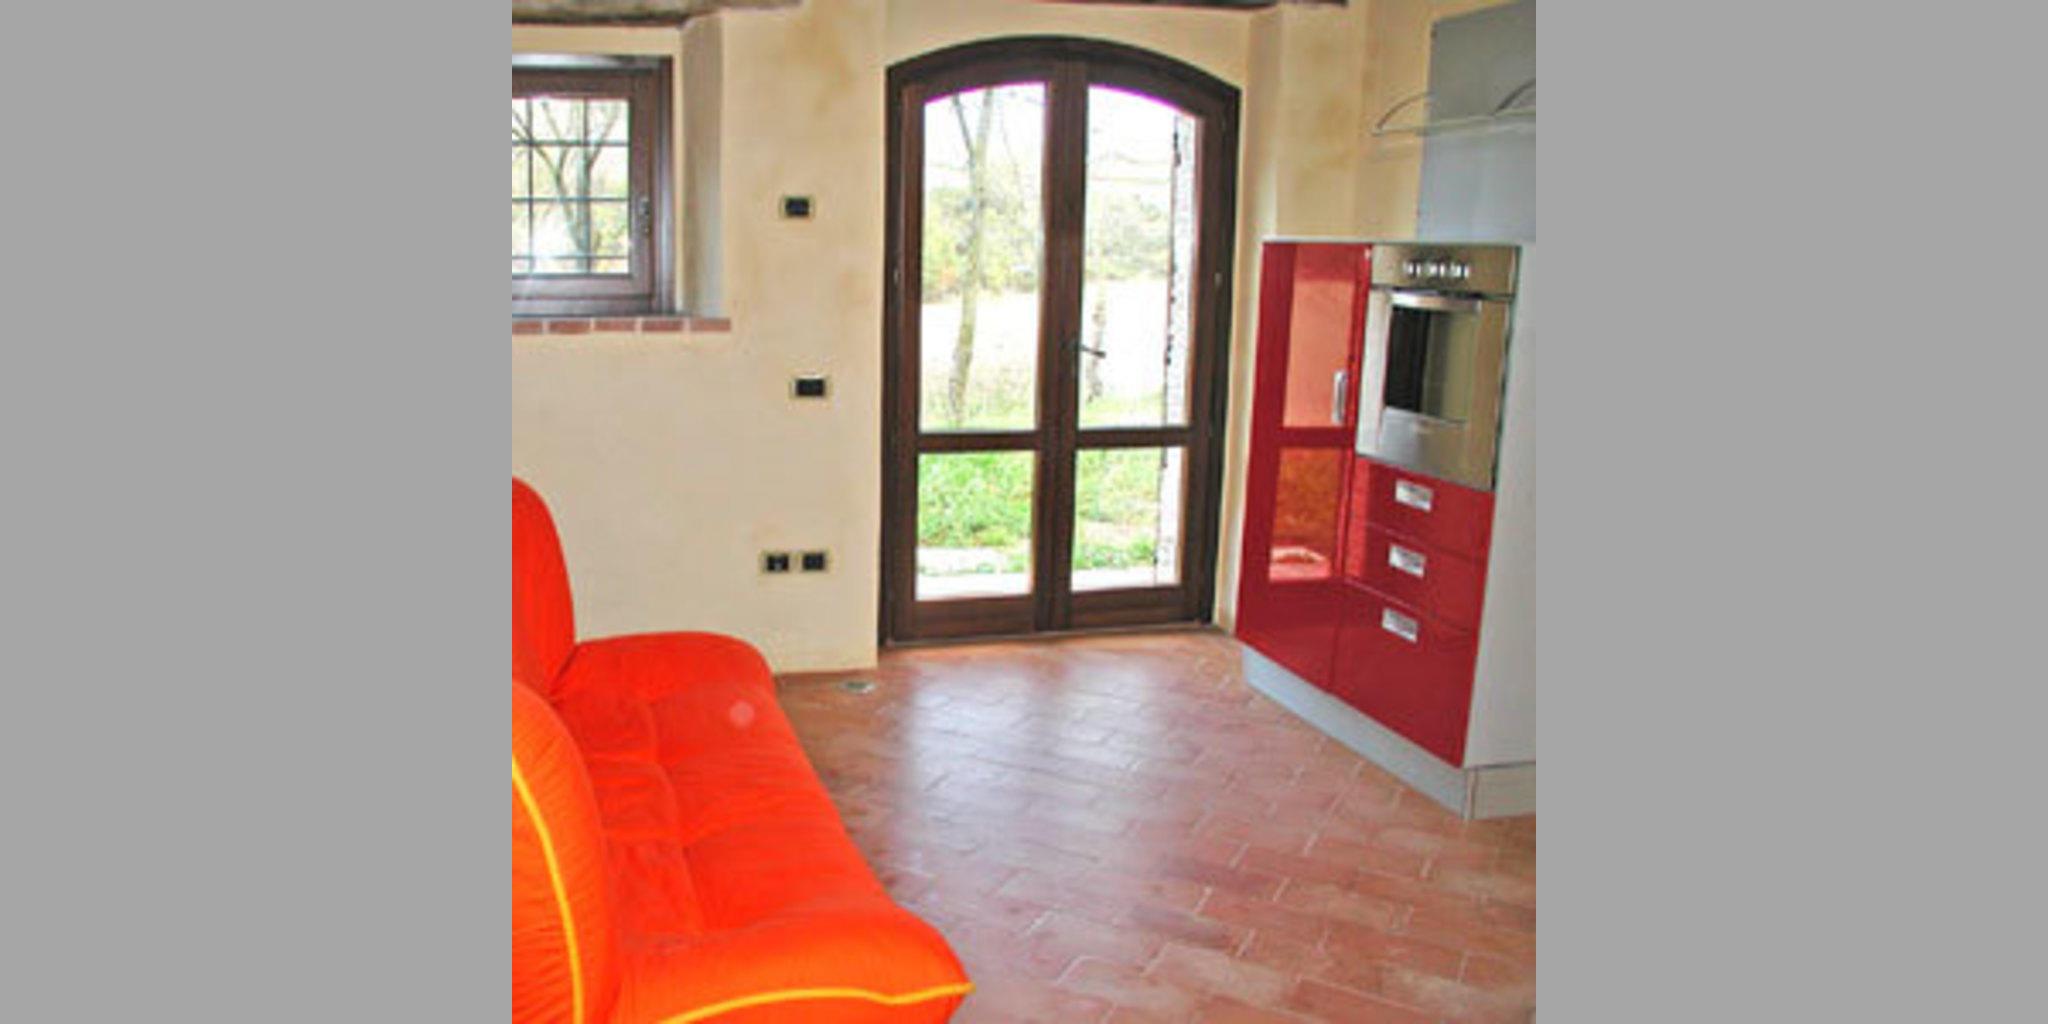 Bed & Breakfast Fabriano - San Donato_